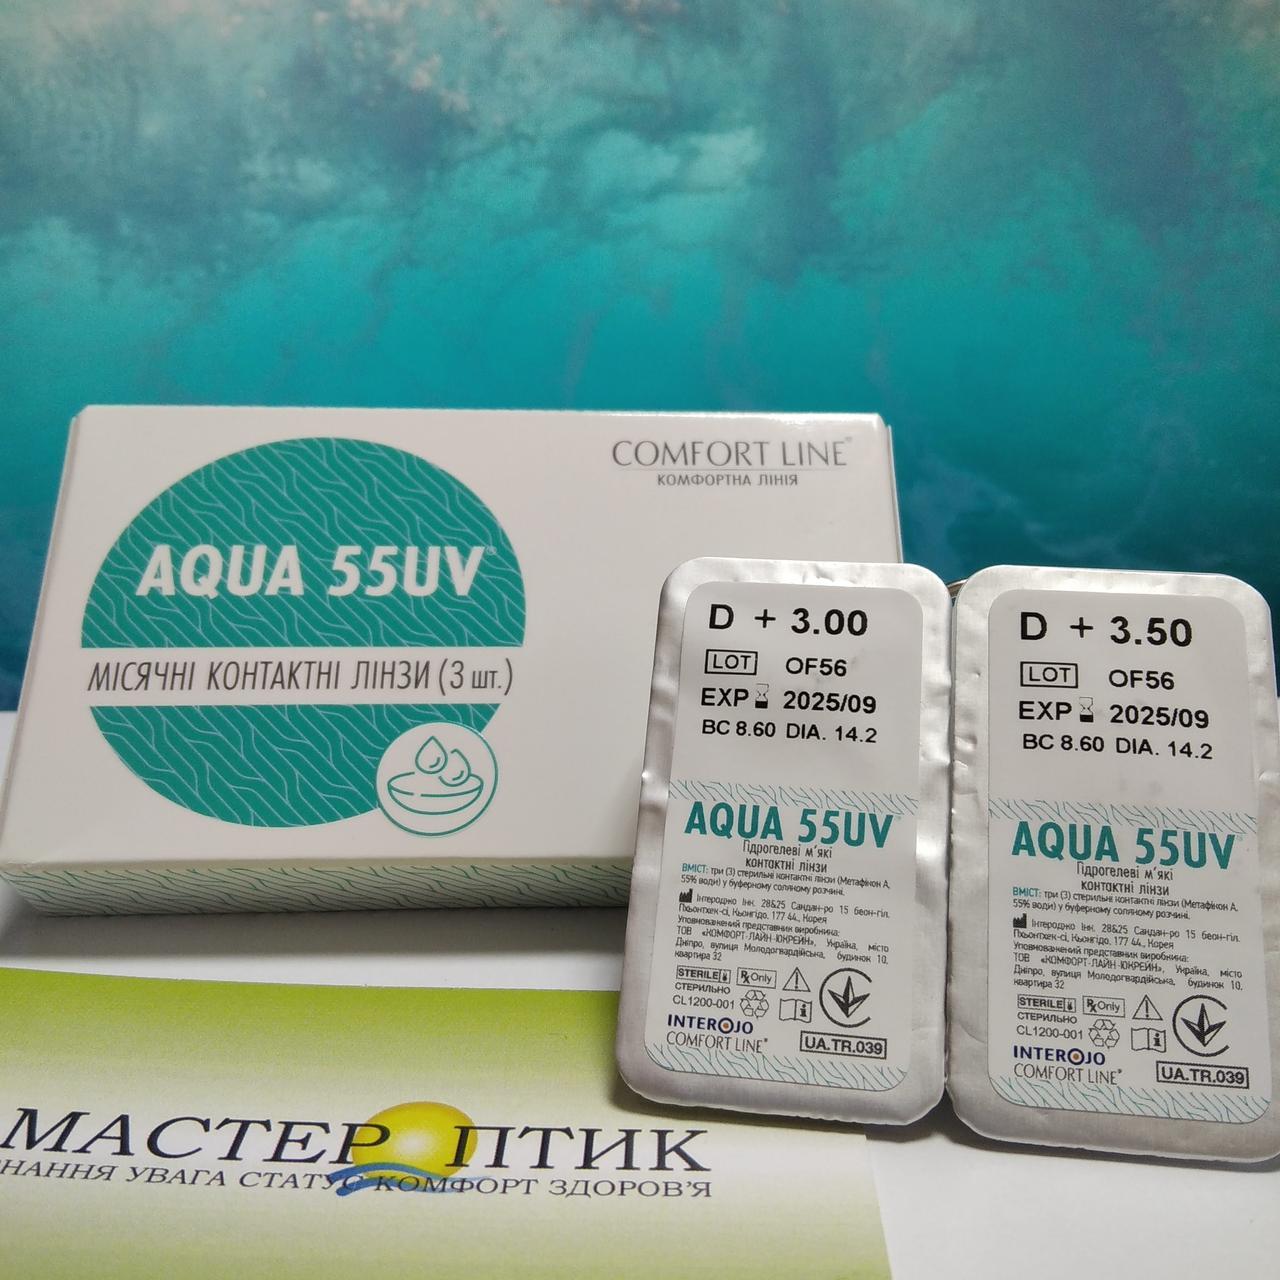 Контактні лінзи Comfort Line, Aqua 55UV